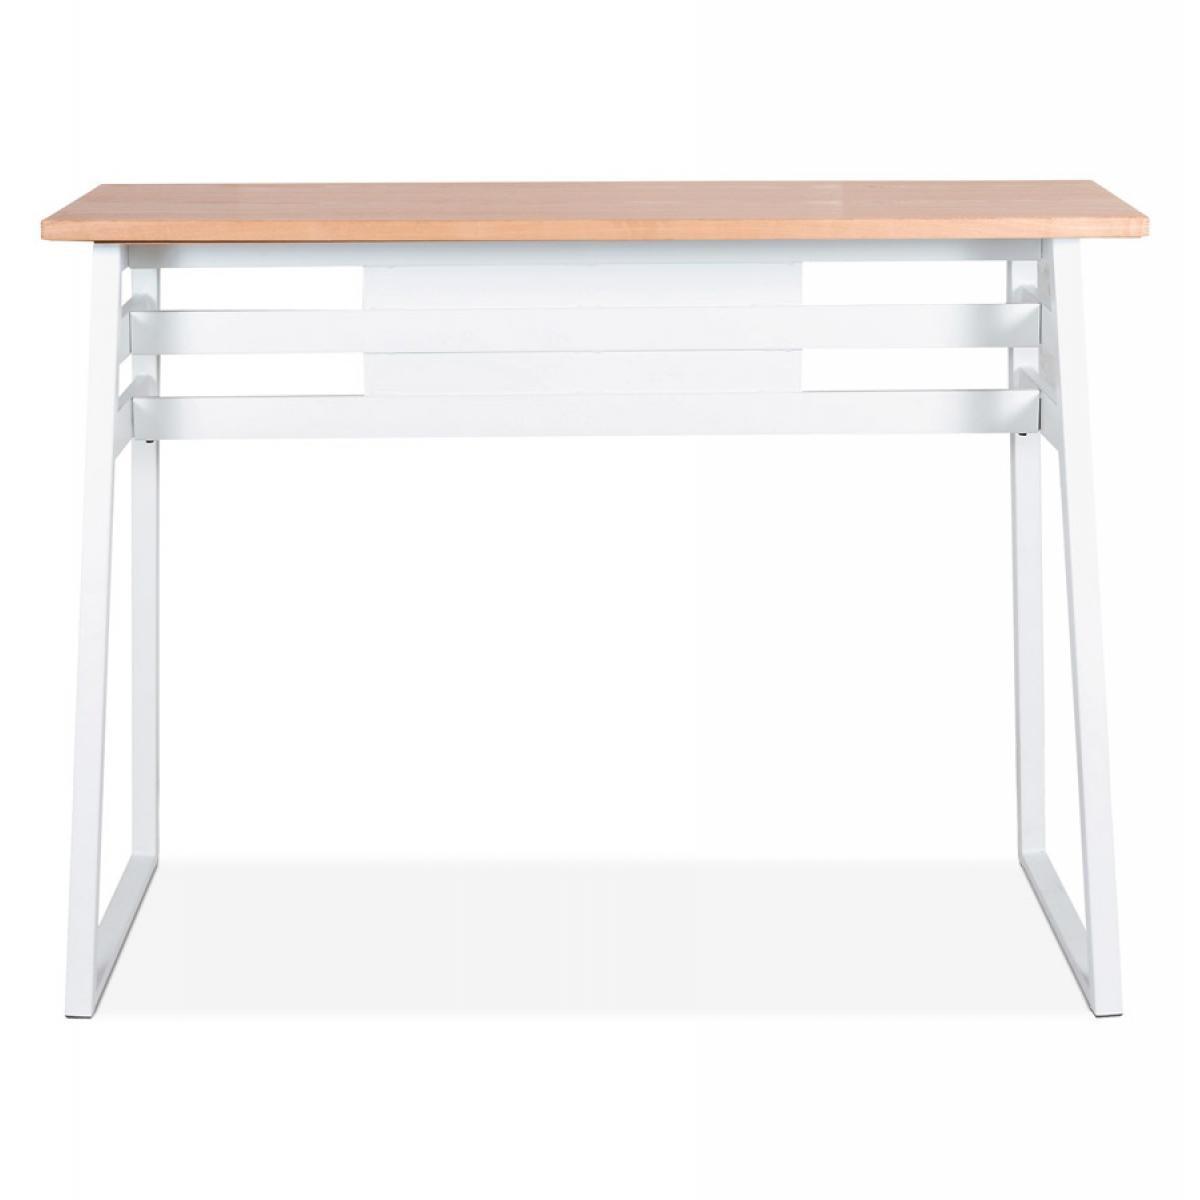 Alterego Table de bar haute 'NIKI' en bois finition naturelle et pied en métal blanc - 150x60 cm